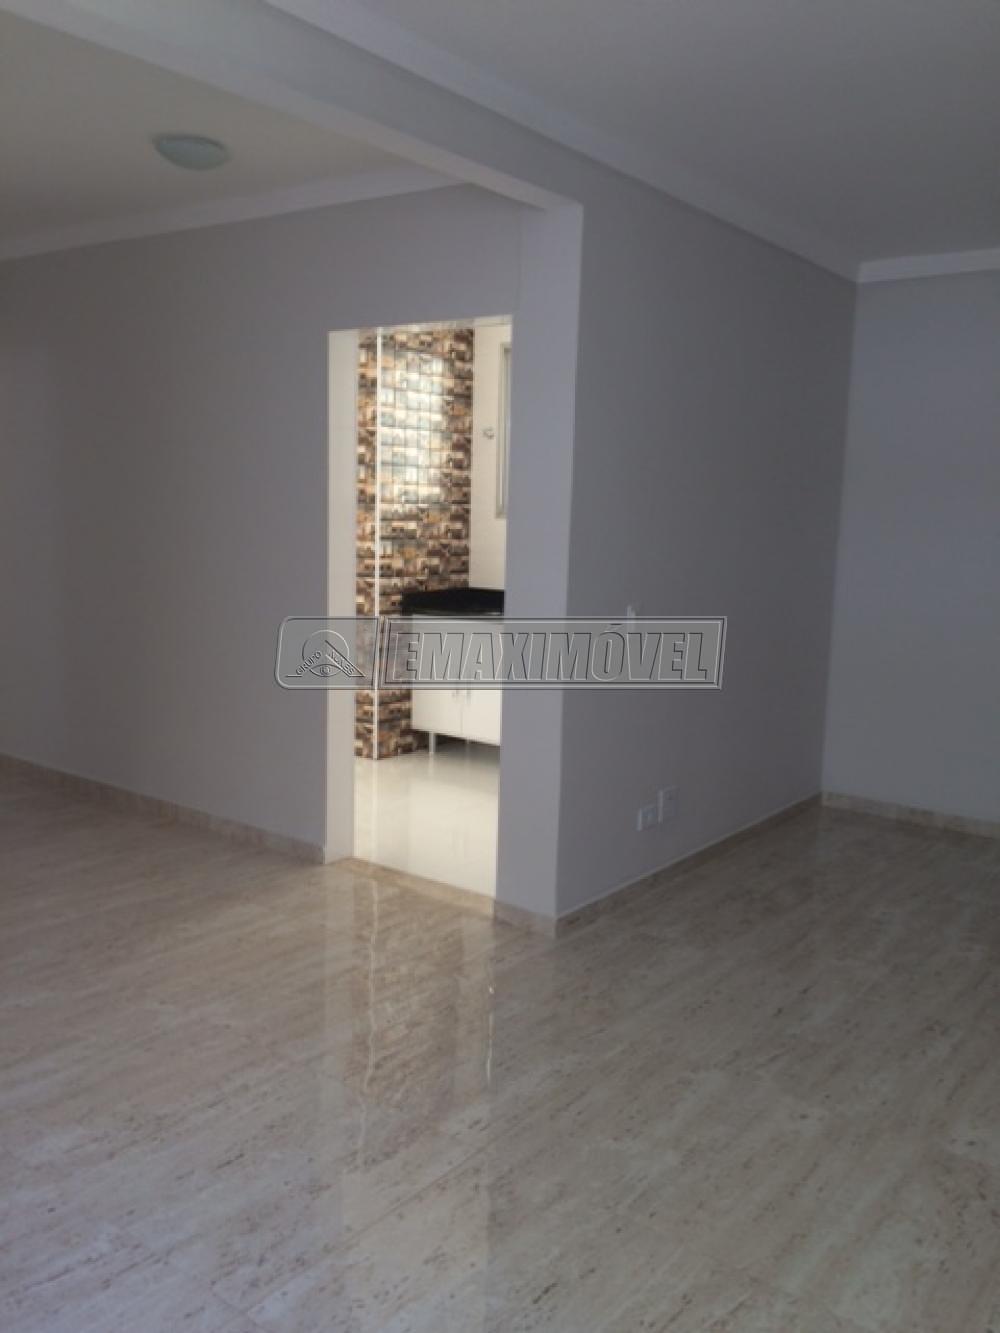 Alugar Apartamentos / Apto Padrão em Votorantim apenas R$ 850,00 - Foto 4